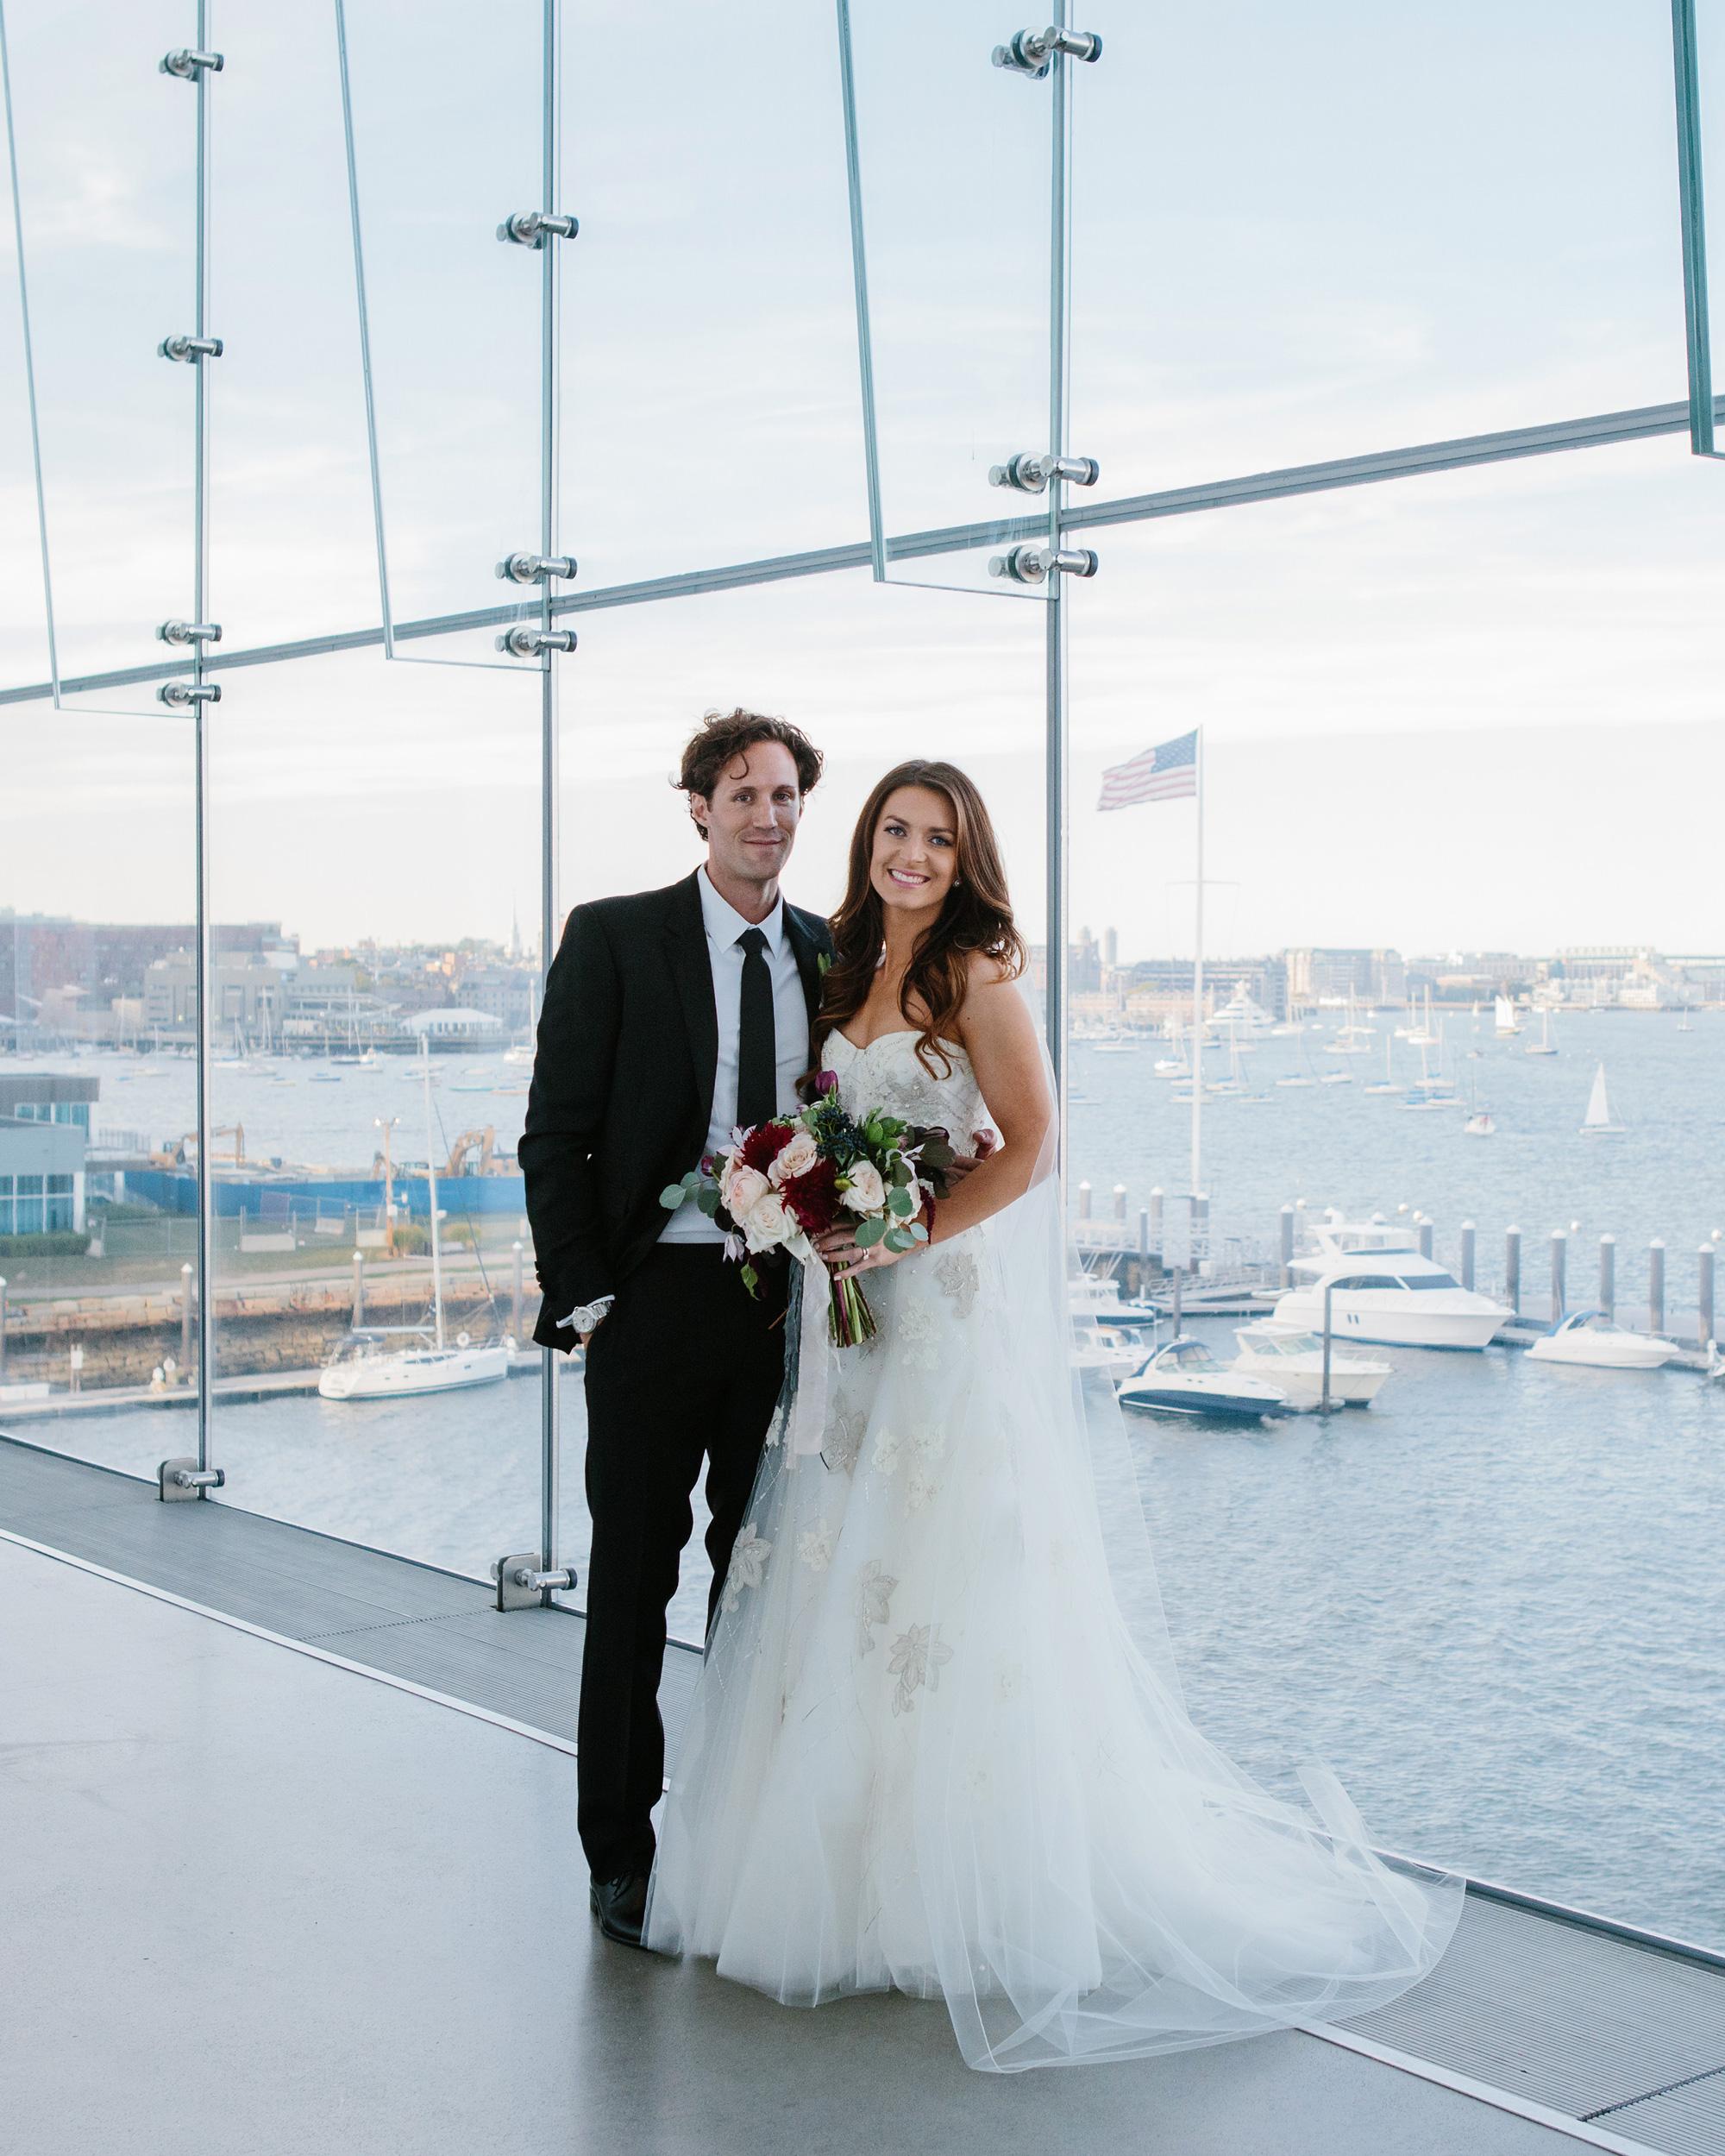 danielle-brian-wedding-couple-0654-s113001-0616.jpg